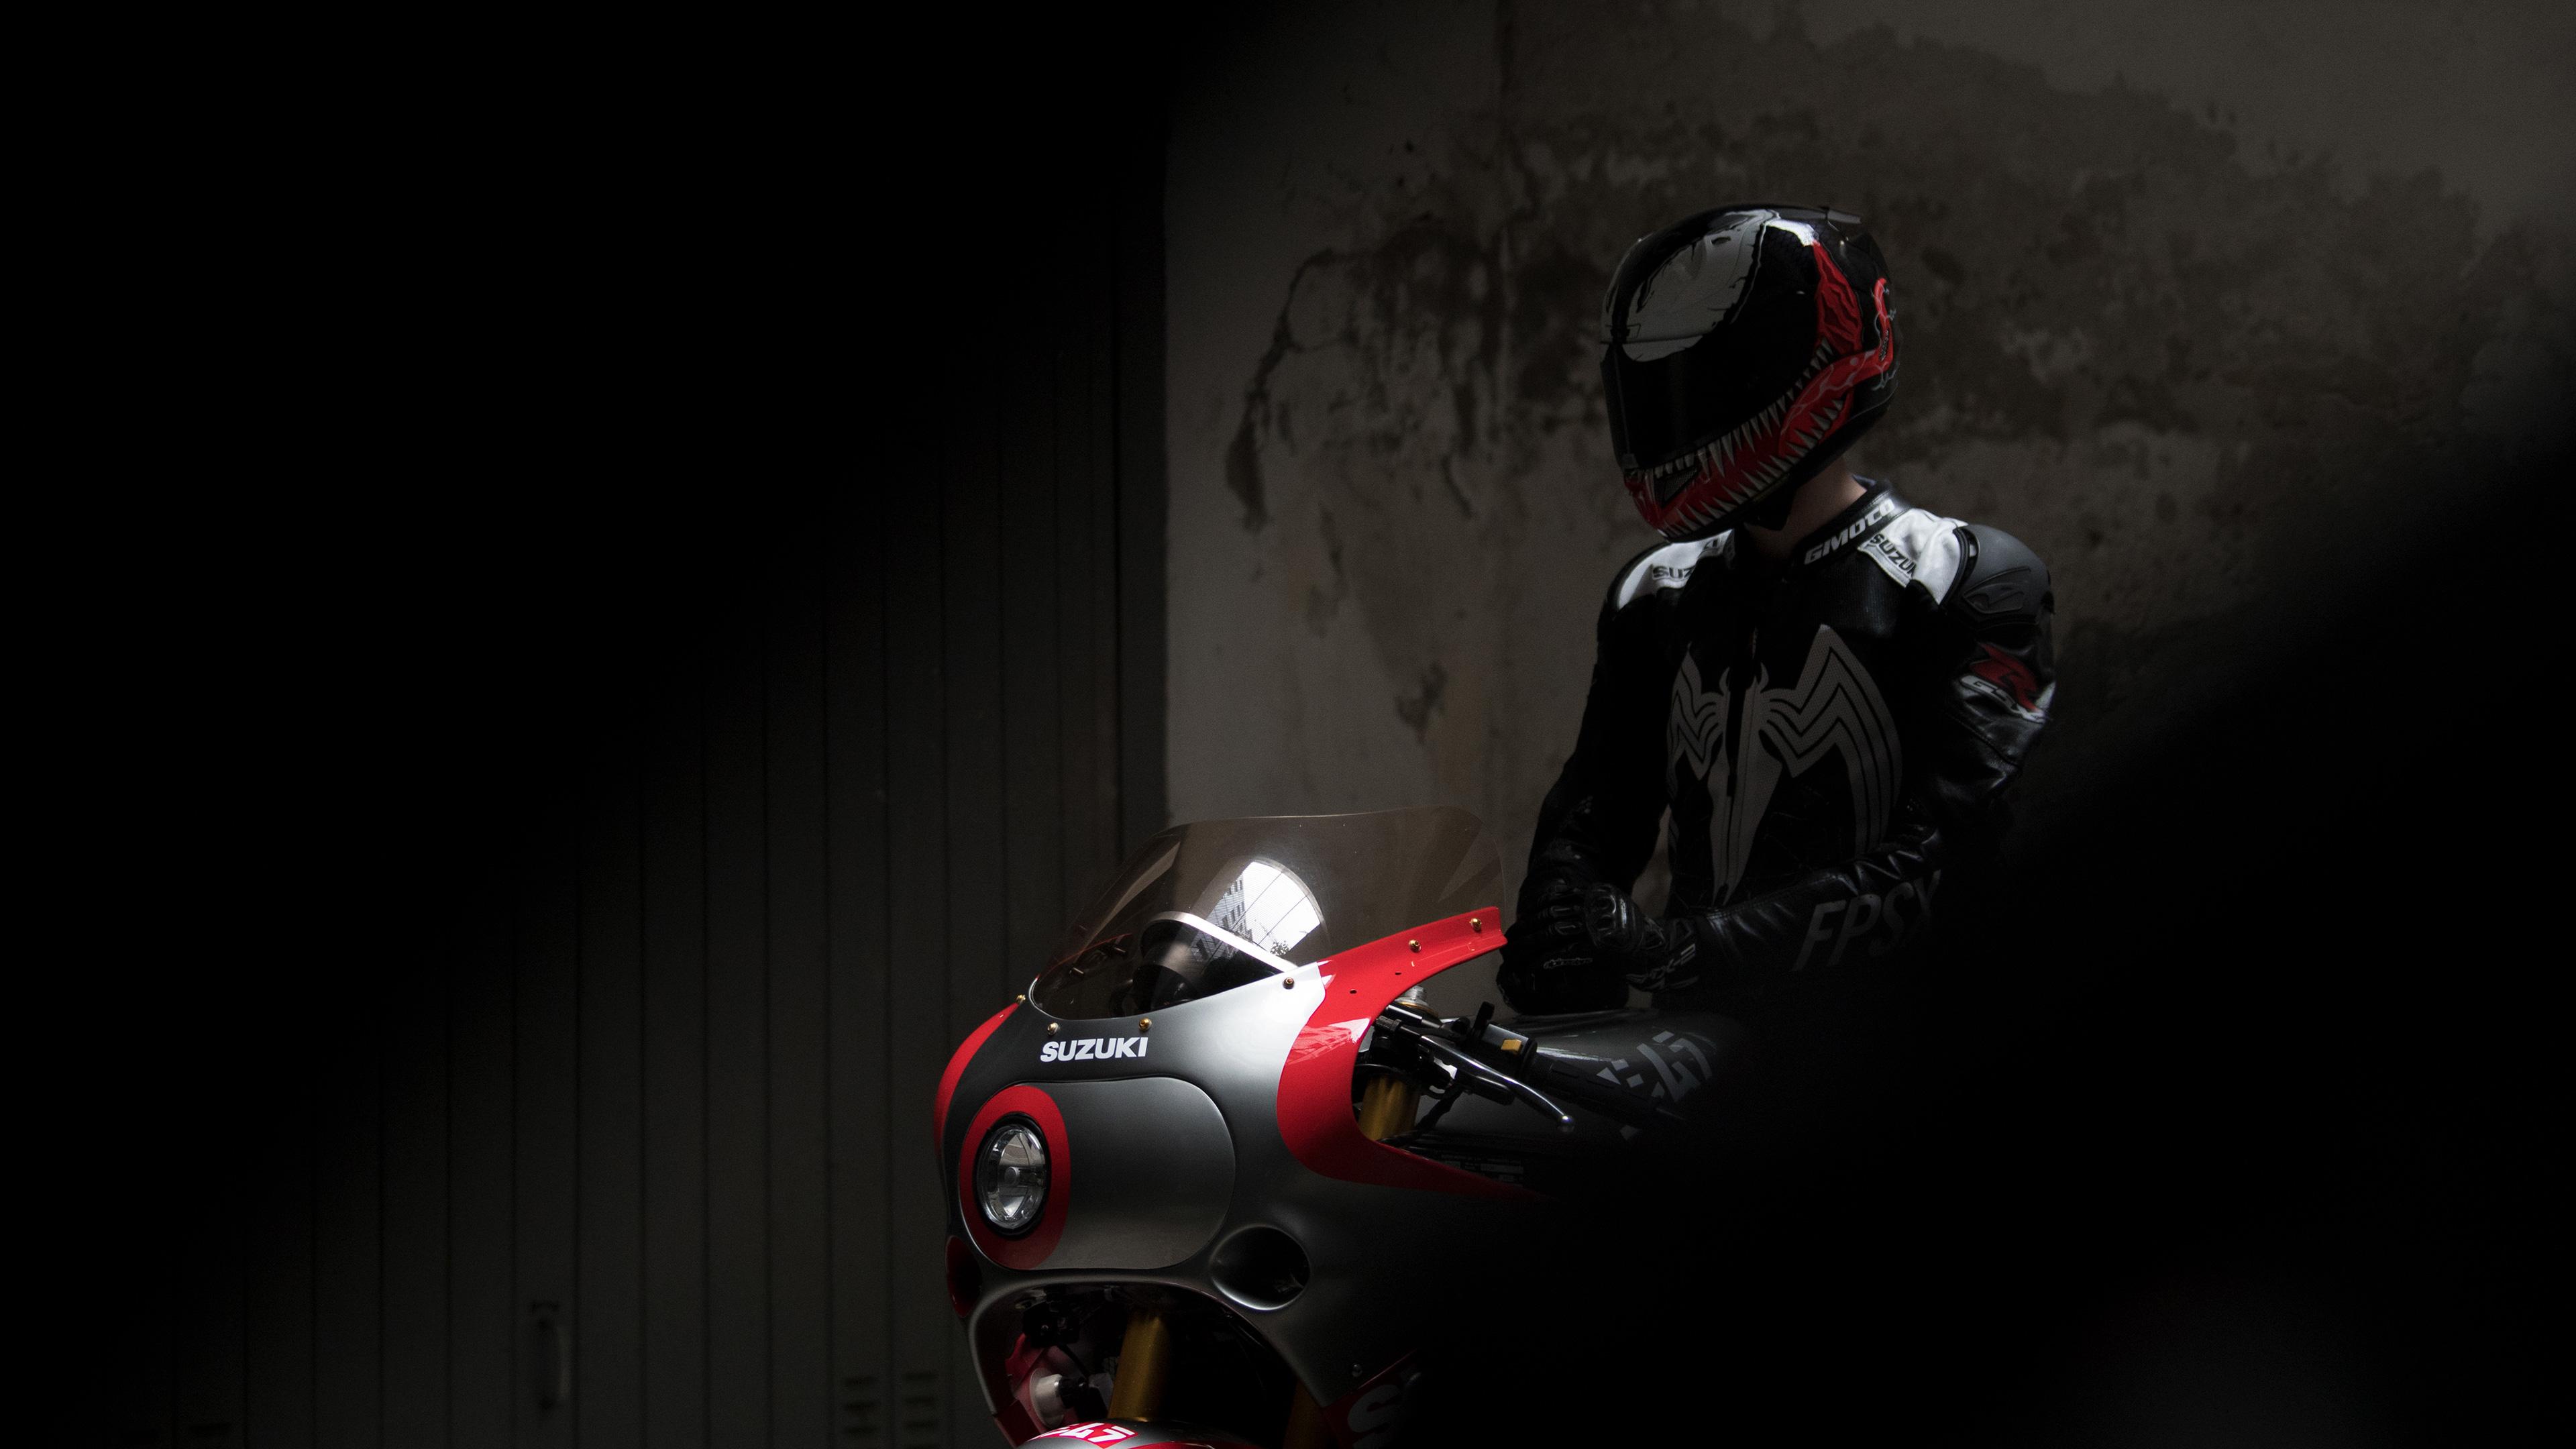 1920x1080 Suzuki GSX R 1100 Venom Helmet Laptop Full HD